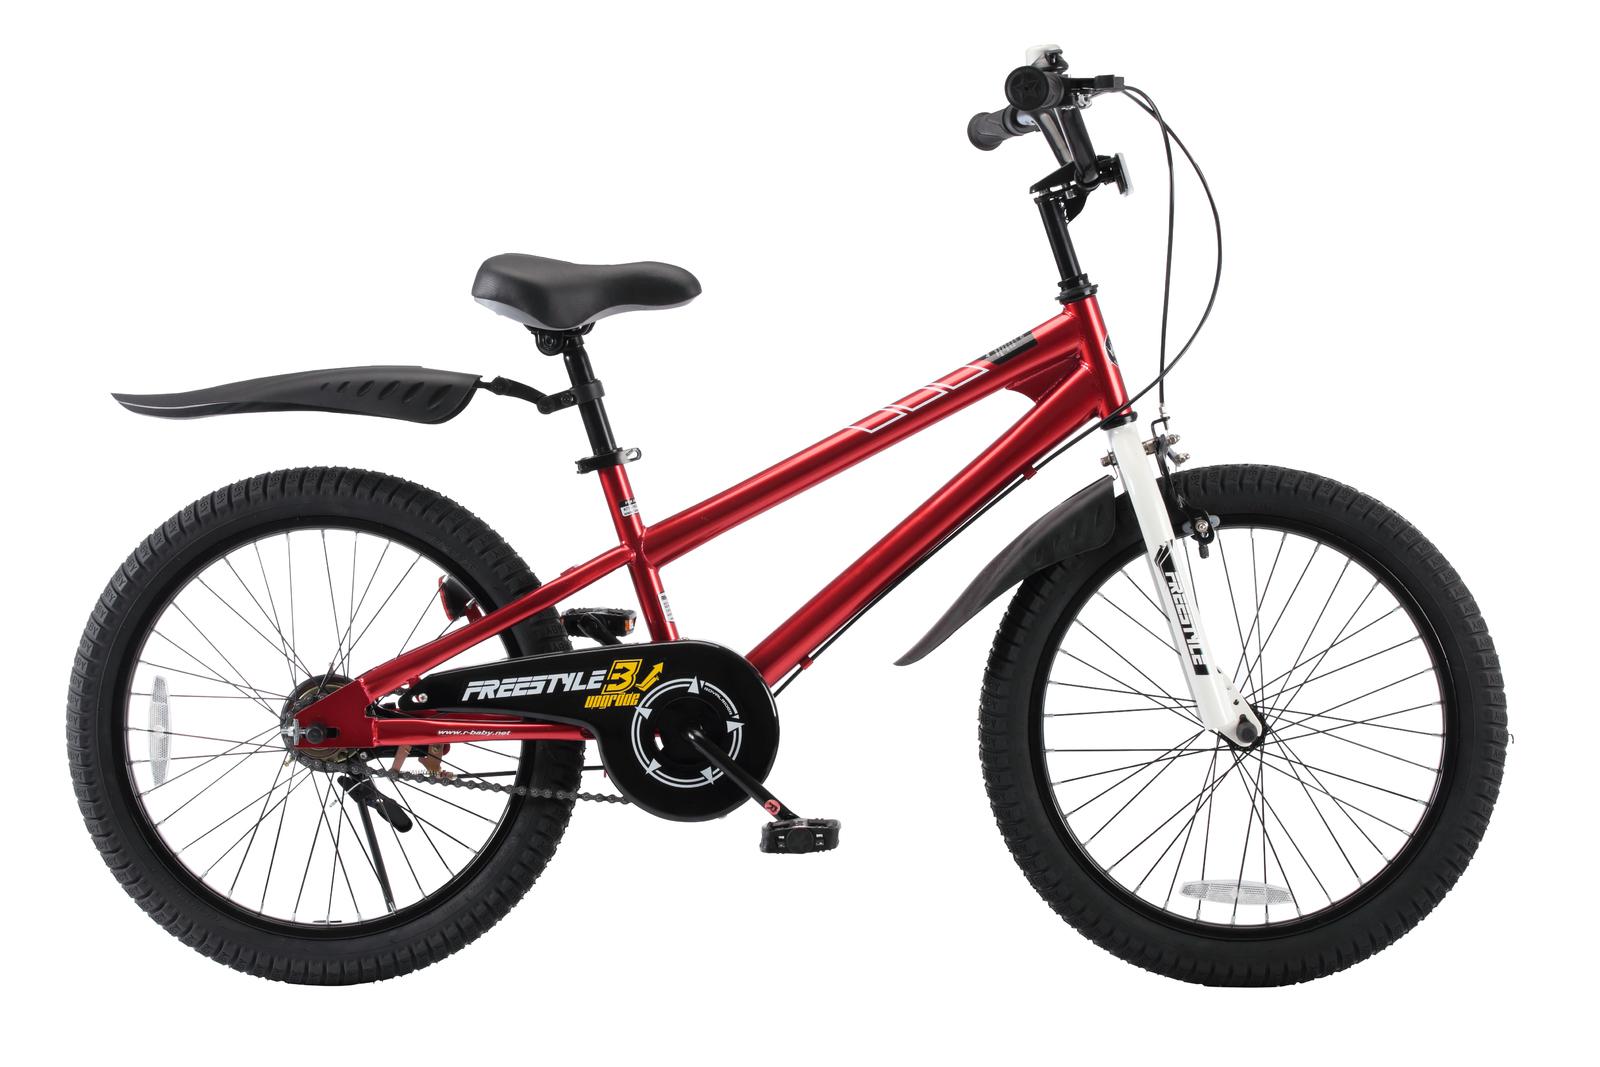 """RoyalBaby: BMX Freestyle - 20"""" Bike (Red) image"""